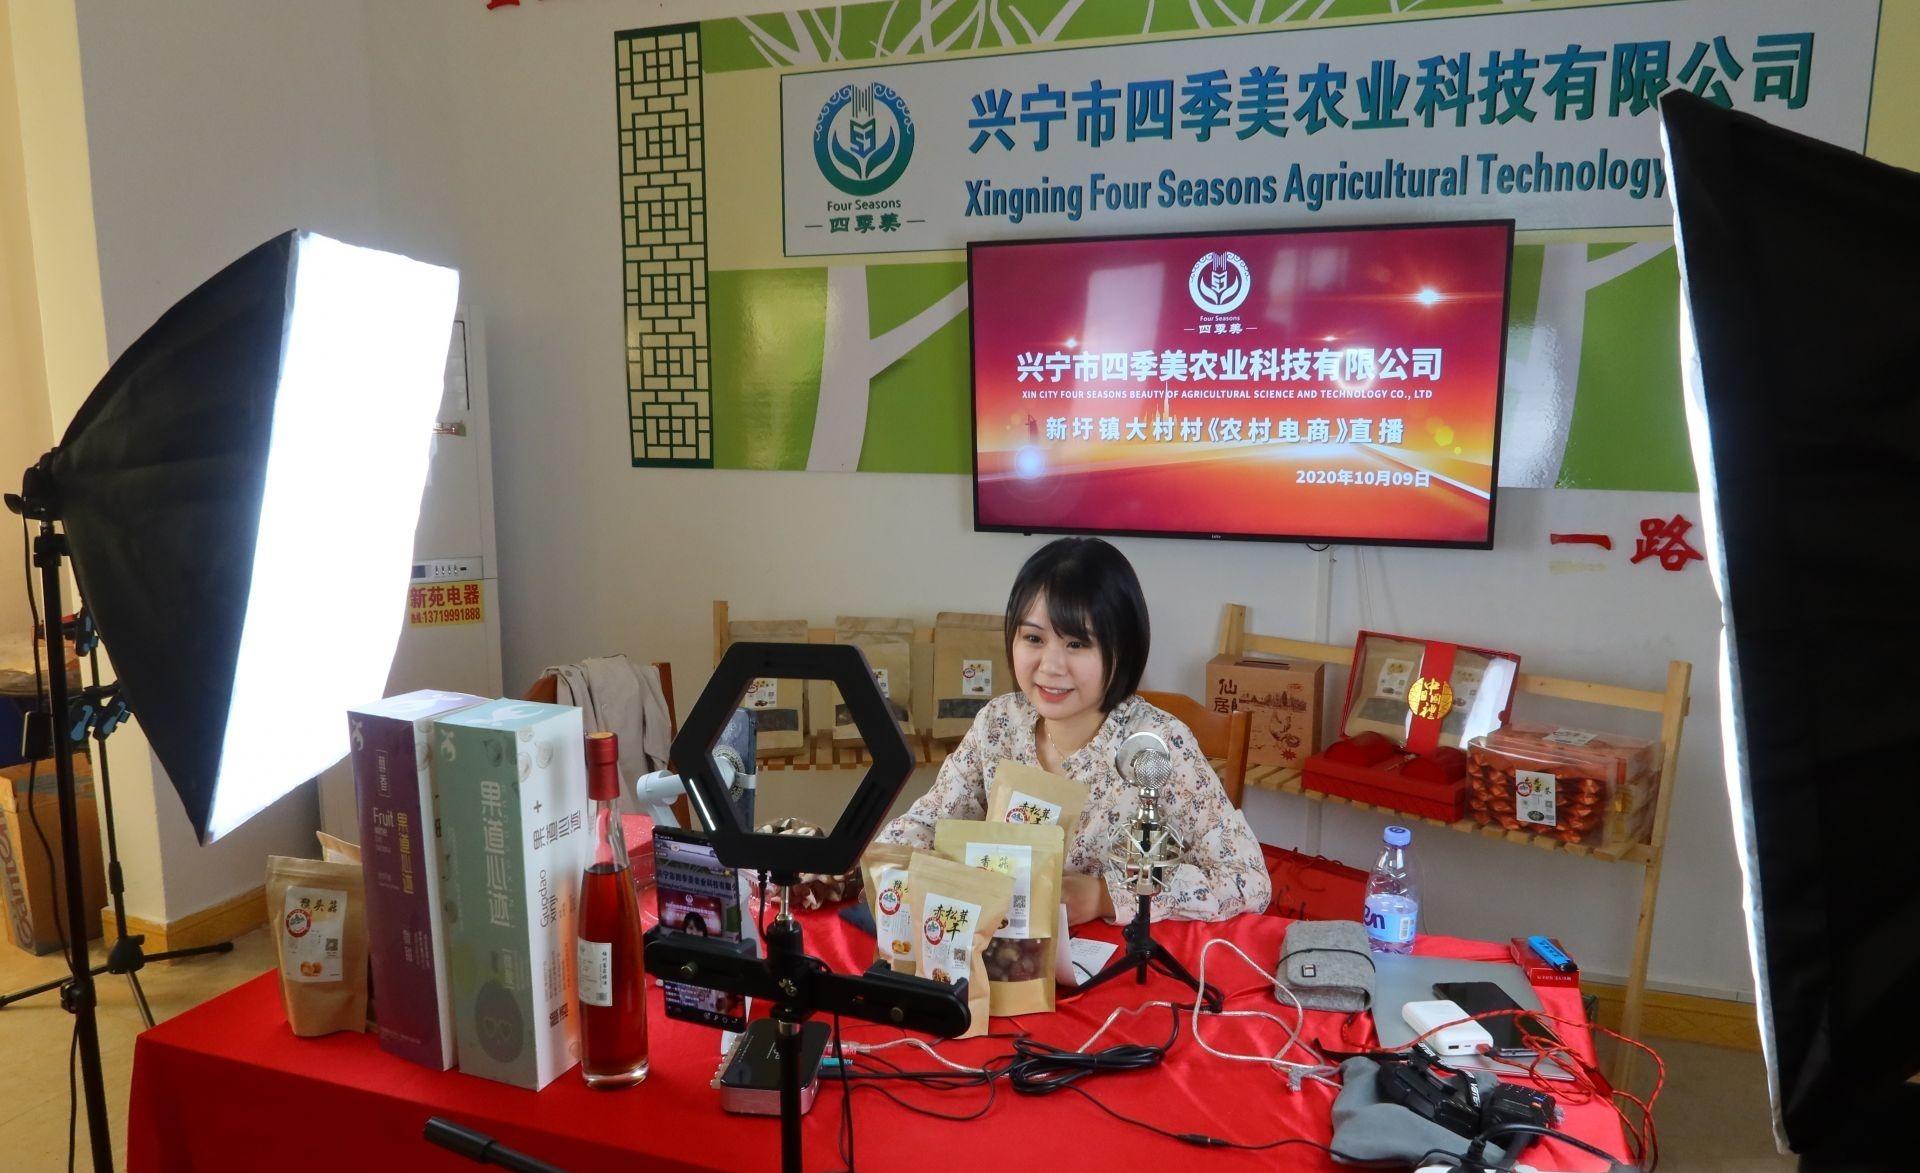 兴宁越来越多网红利用农电商平台直播买农产品。 (叶惠玲 摄)